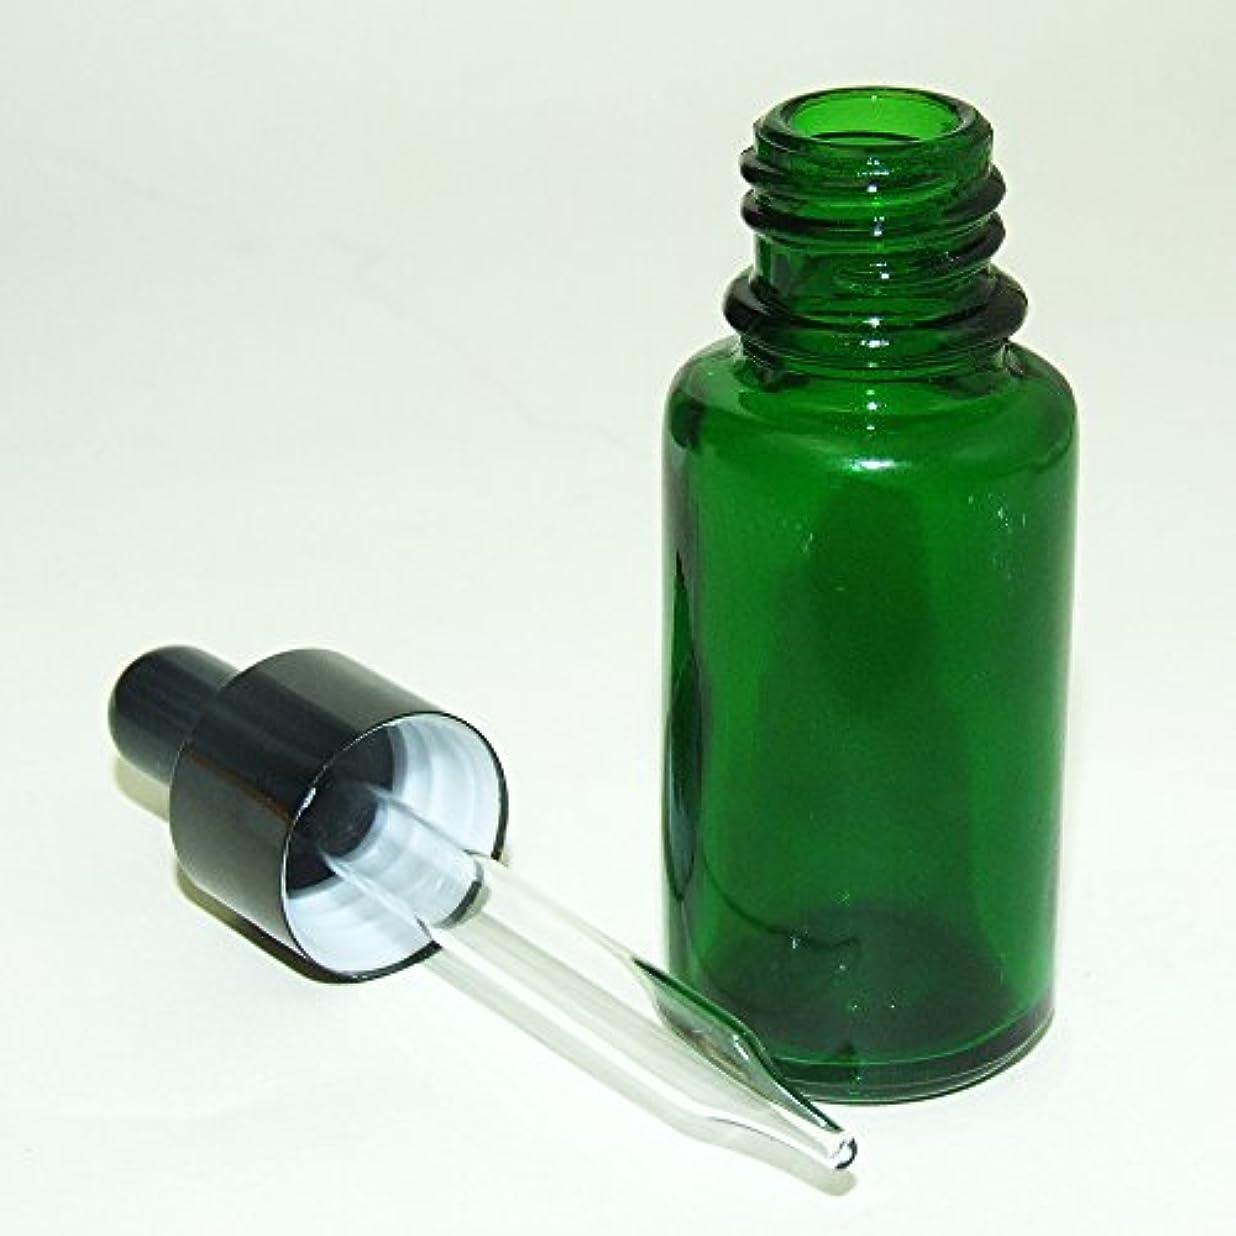 広告主予見する突っ込むガレージ?ゼロ 遮光ガラス スポイド瓶 先細タイプ 緑 15ml(GZKP32)×10個 アロマ保存 GSE678